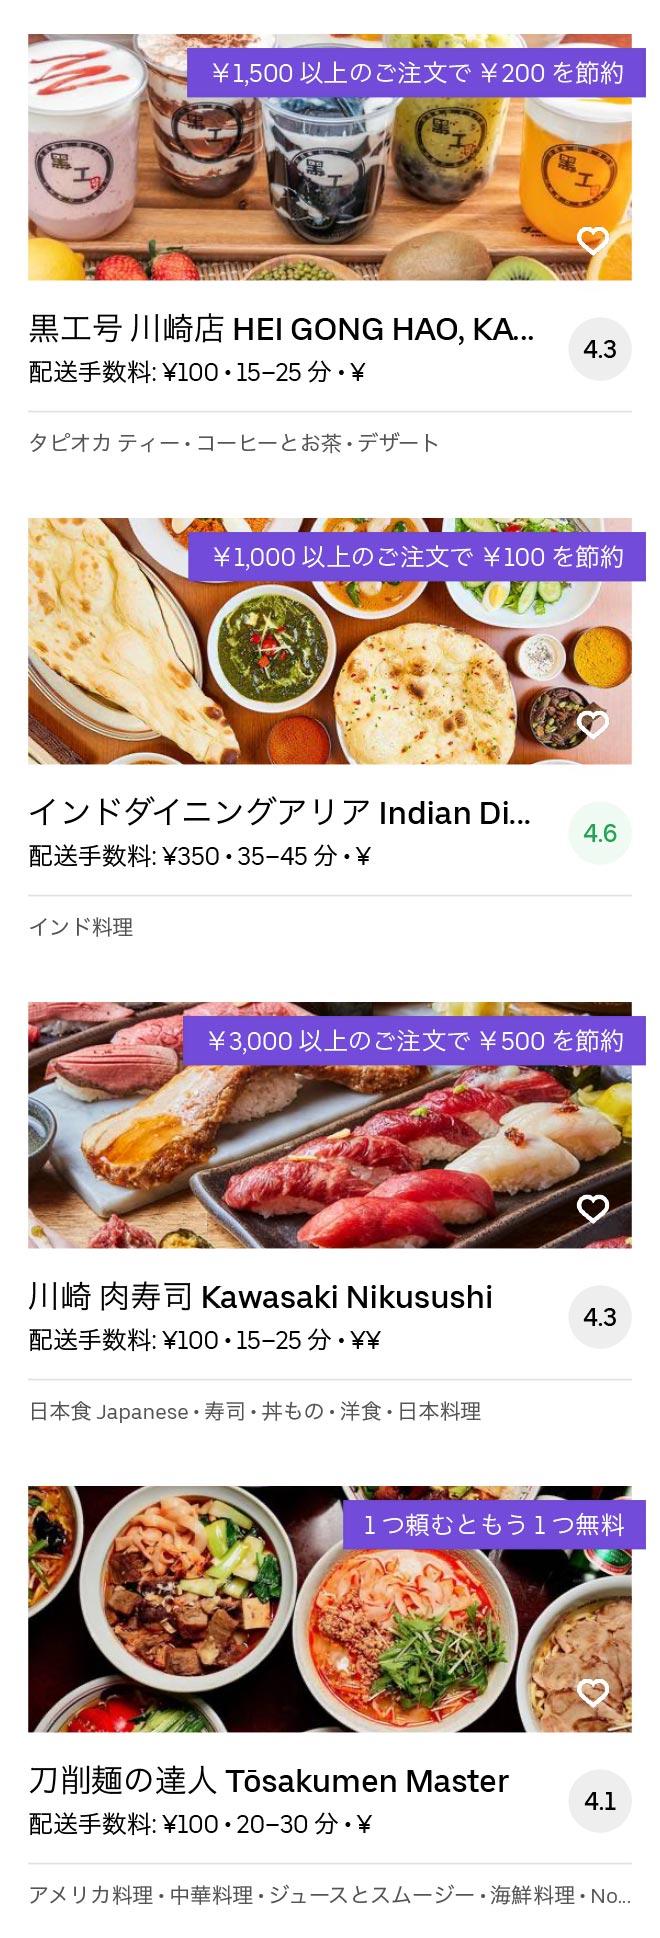 Kawasaki menu 2004 07